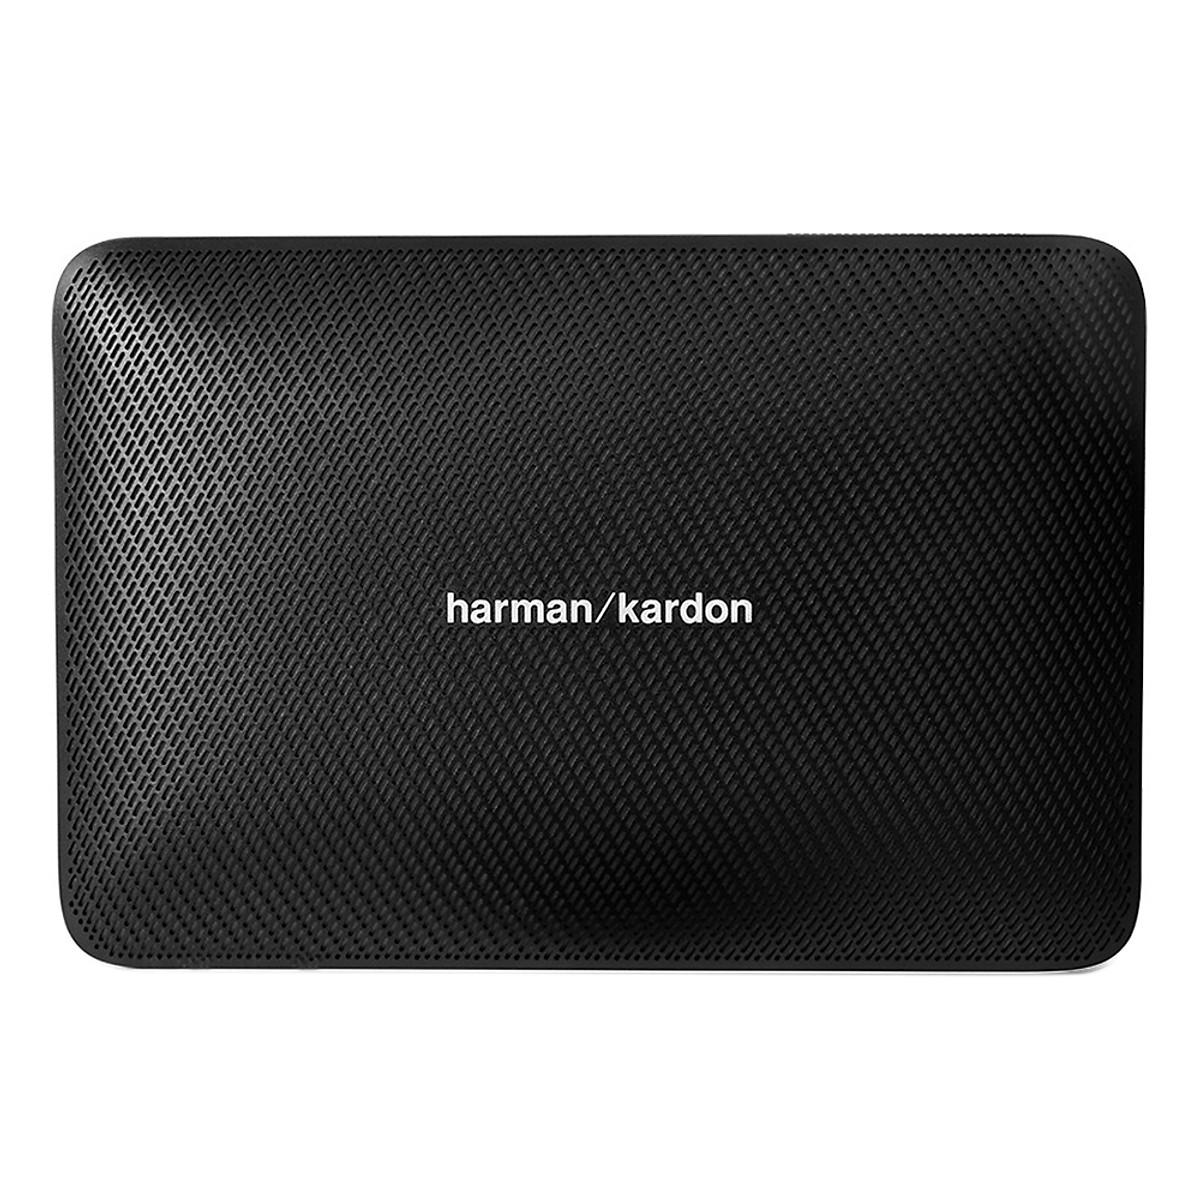 Loa Bluetooth Harman Kardon Esquire 2 16W - Hàng Chính Hãng | Tiki